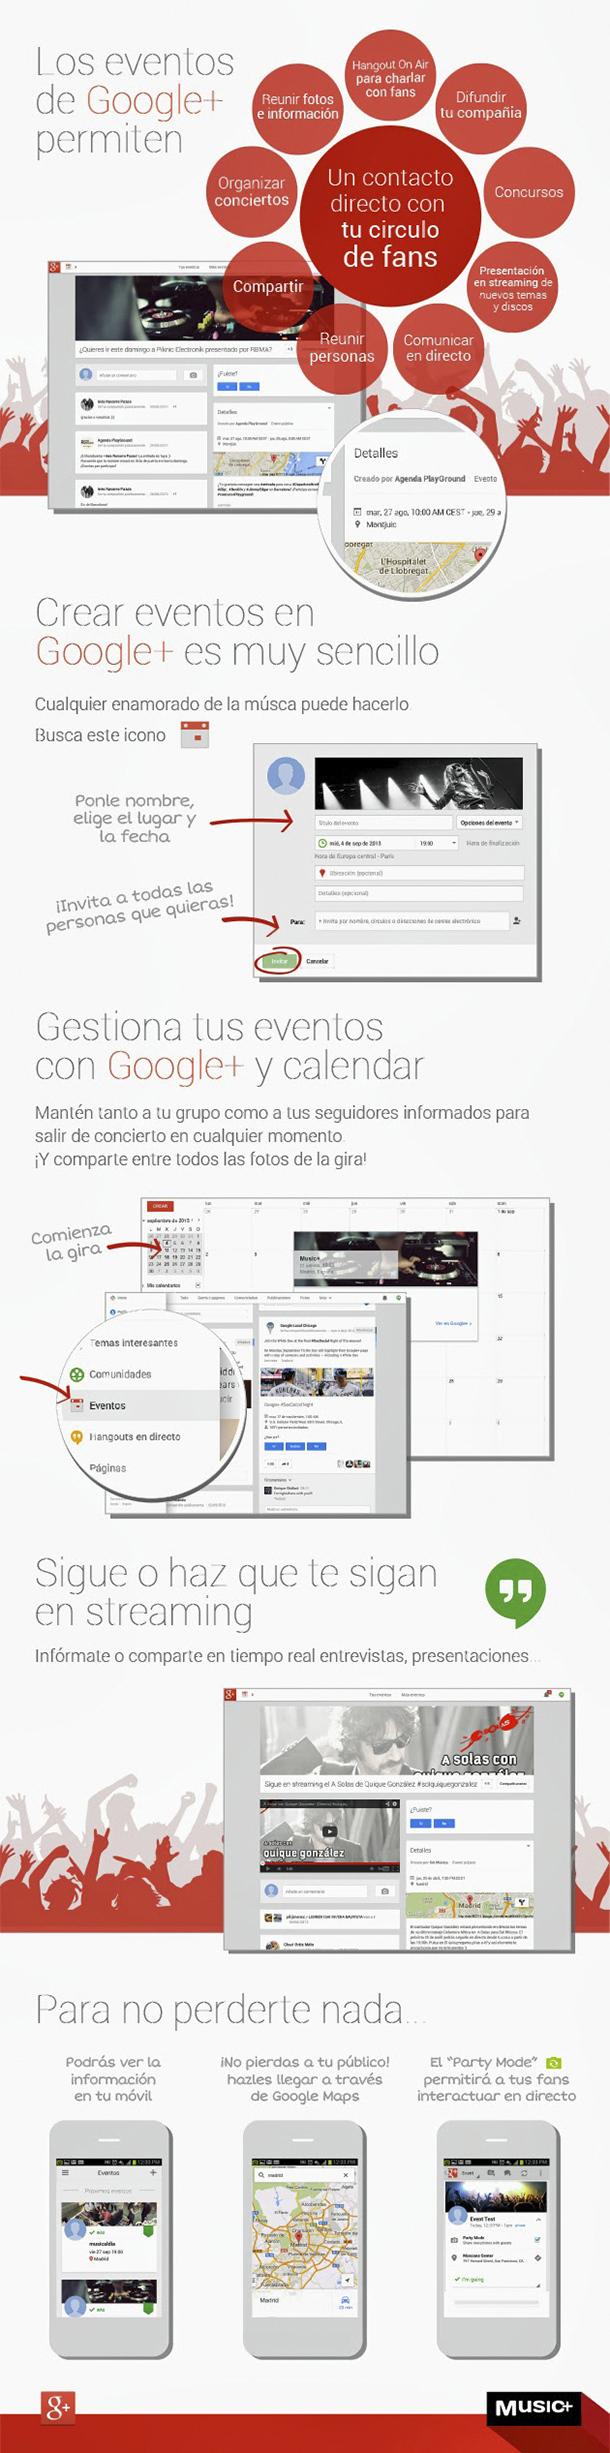 Cómo los eventos de Google + puede ayudar al mundo de la música #infografia #marketing